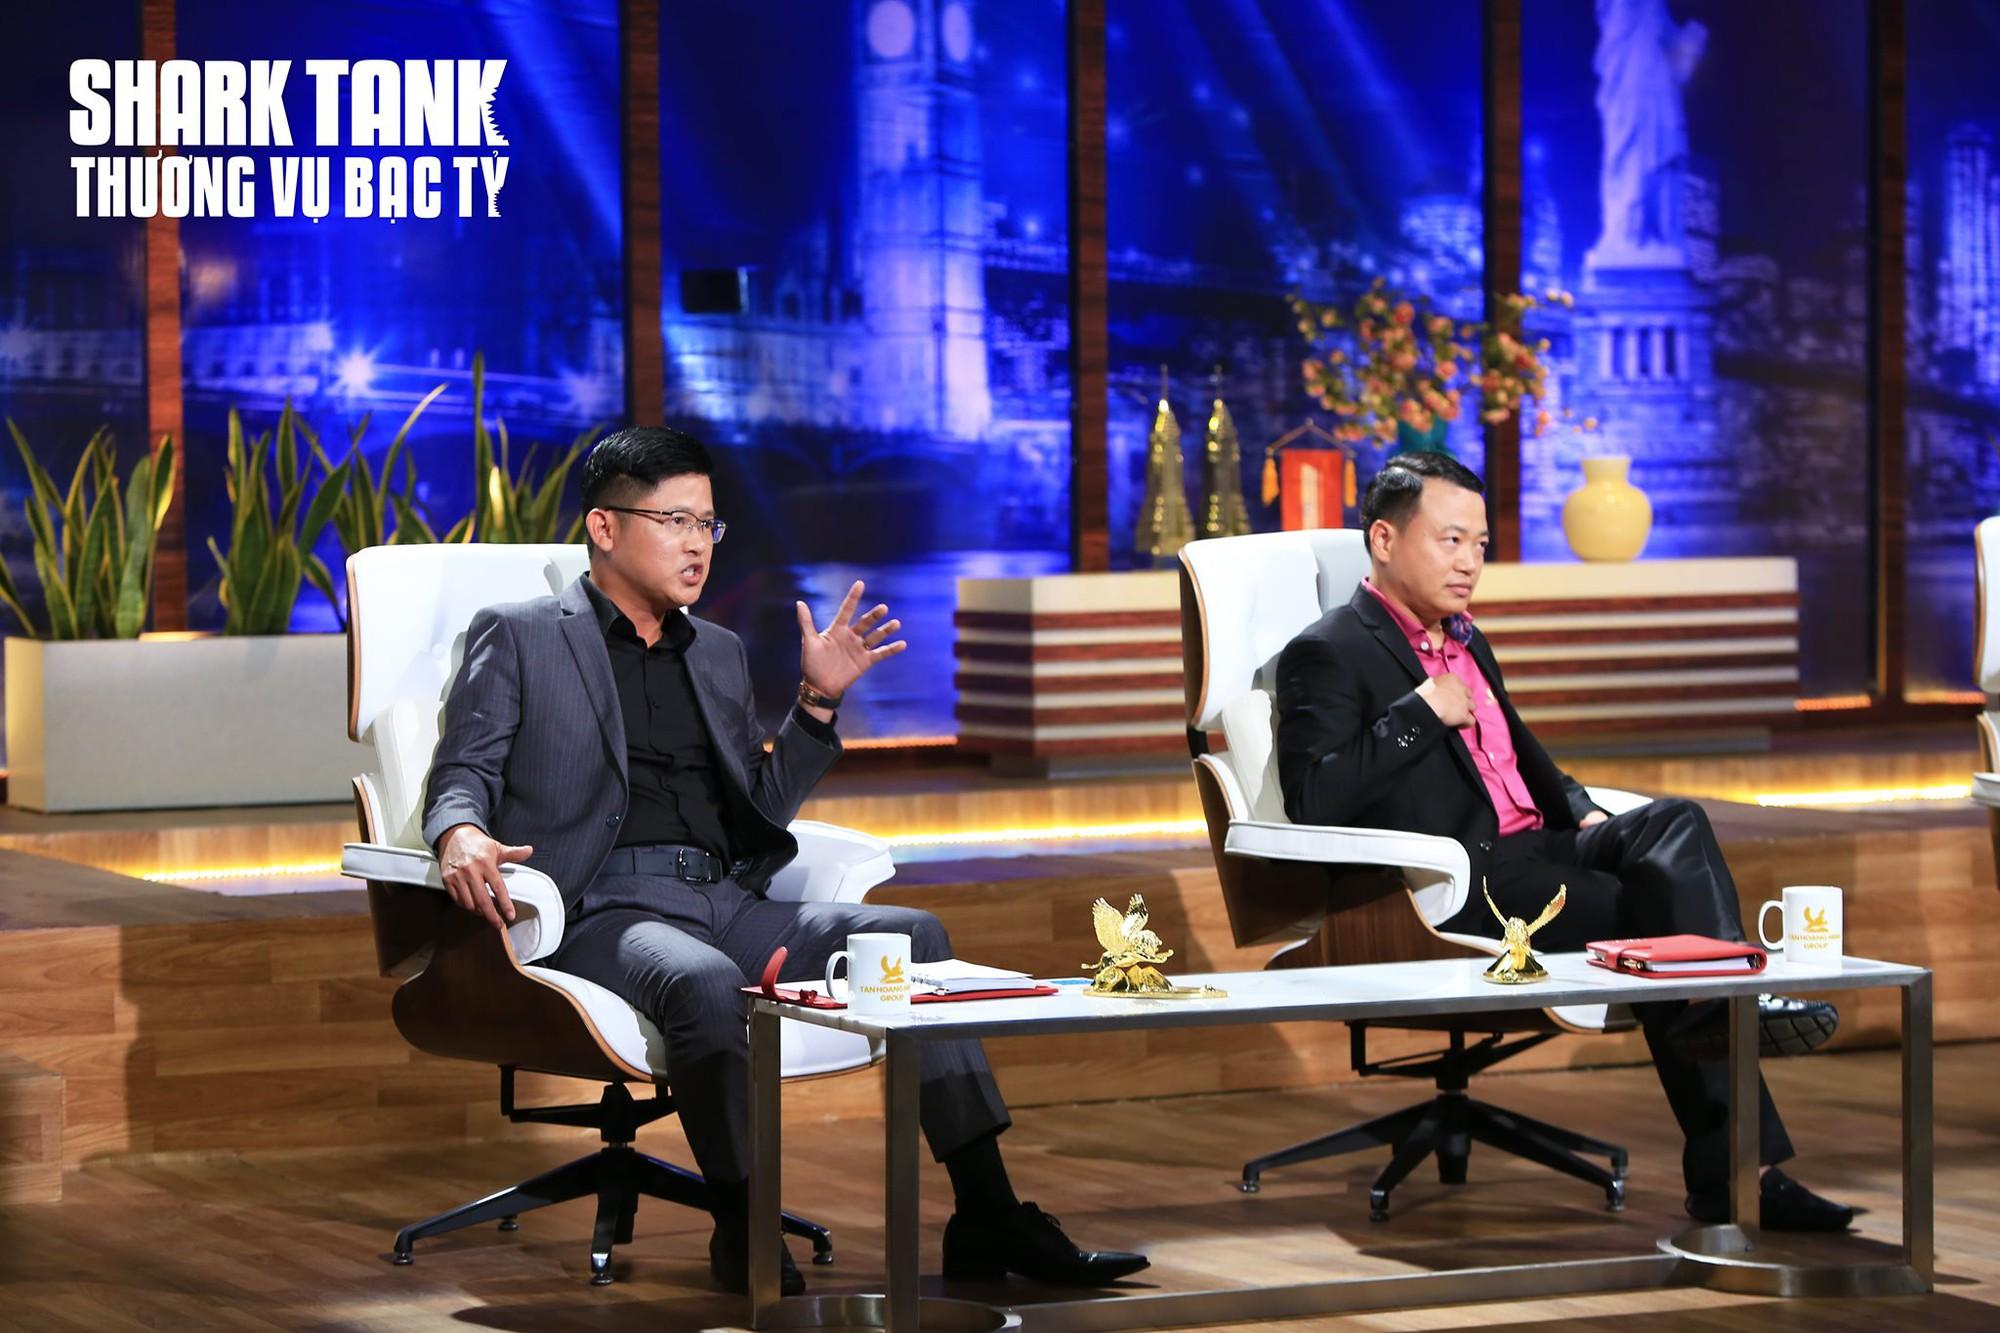 Định giá công ty tới 5 tỉ USD, chàng trai gọi thành công 100.000 USD trên Shark Tank Việt Nam - Ảnh 2.